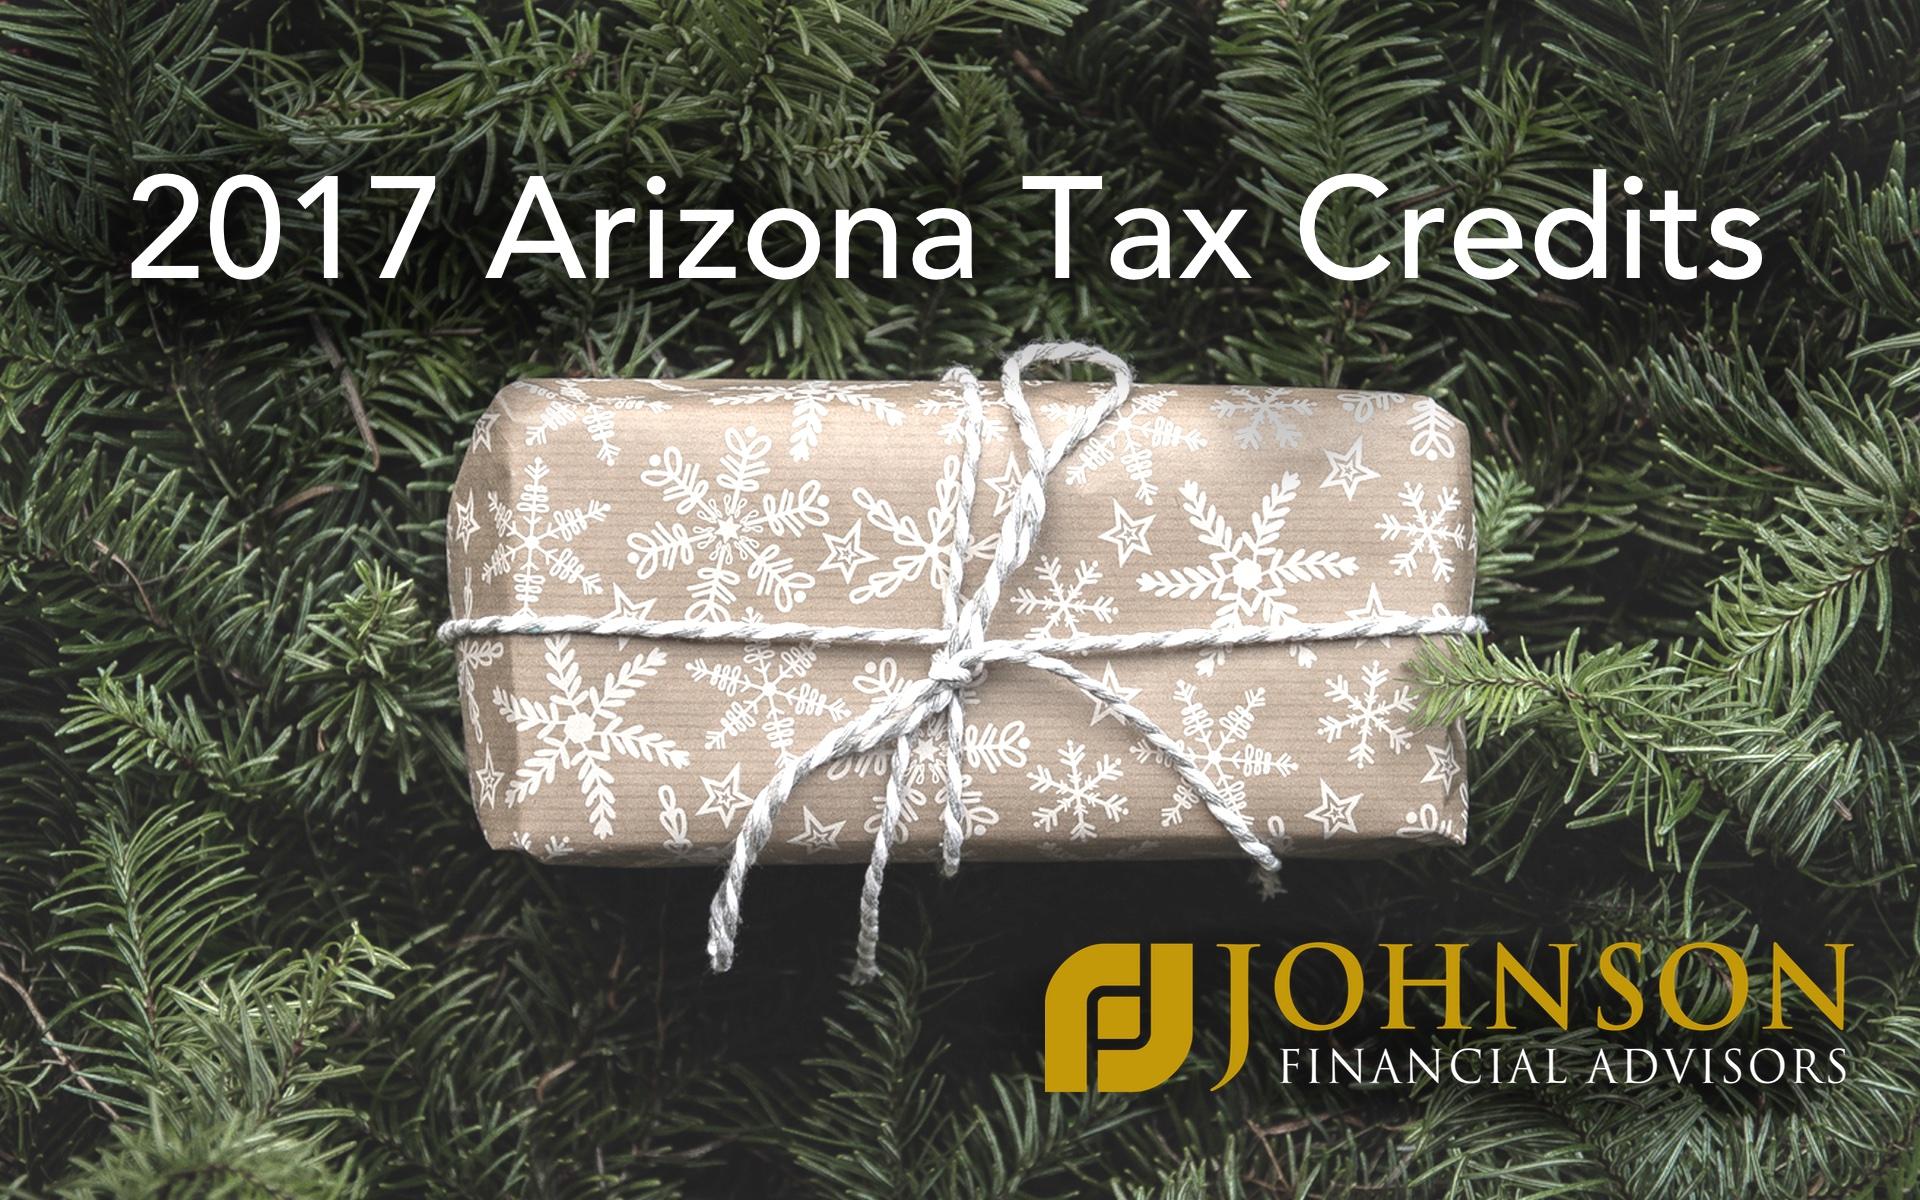 Arizona Tax Credits For